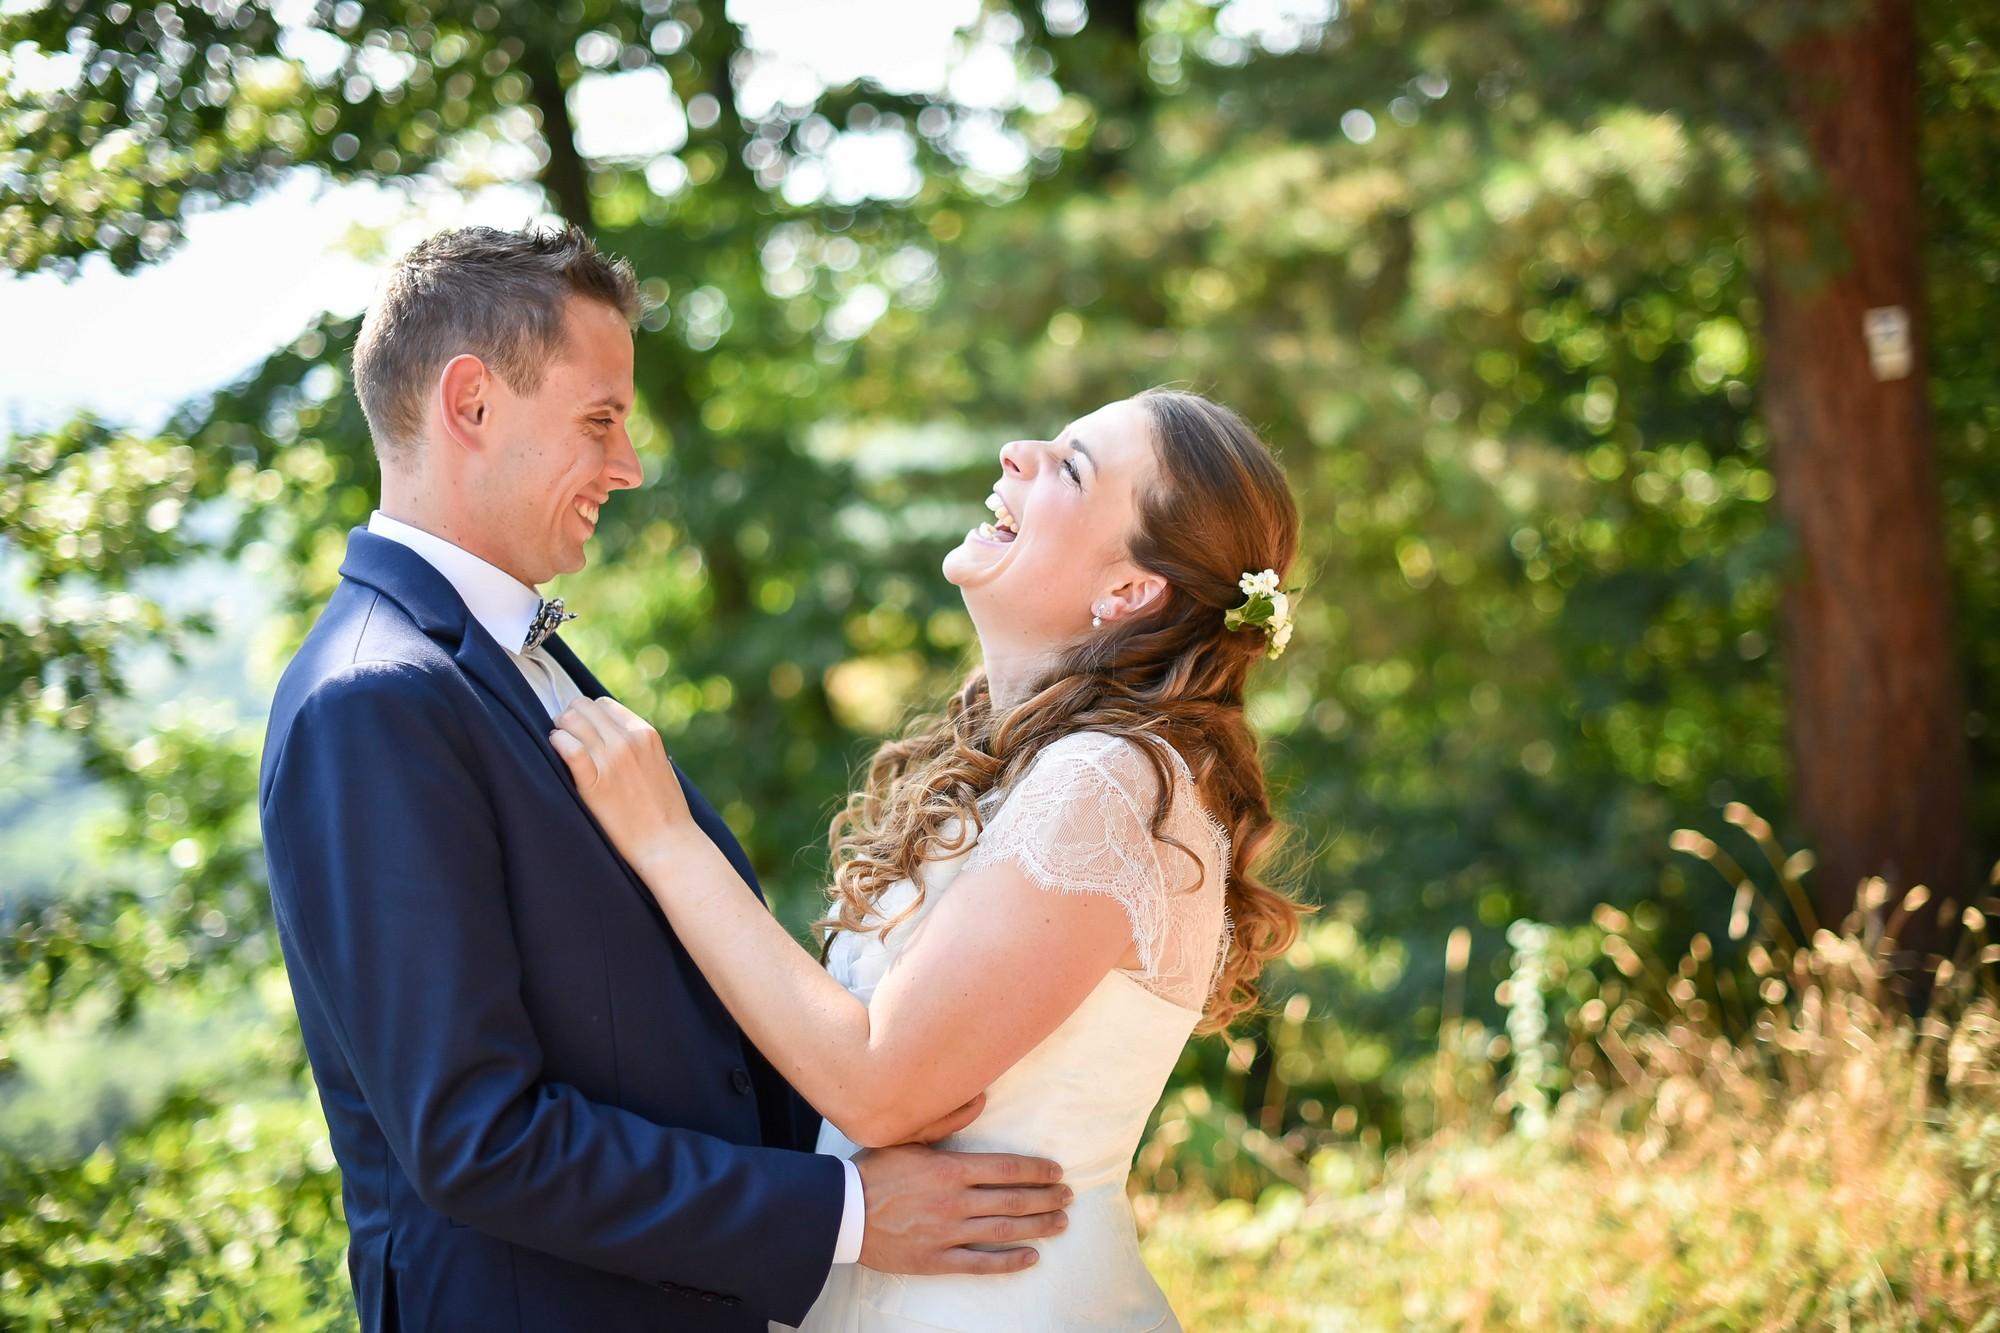 Mon mariage mélodieux et convivial, nos photos dans l'intimité de la forêt